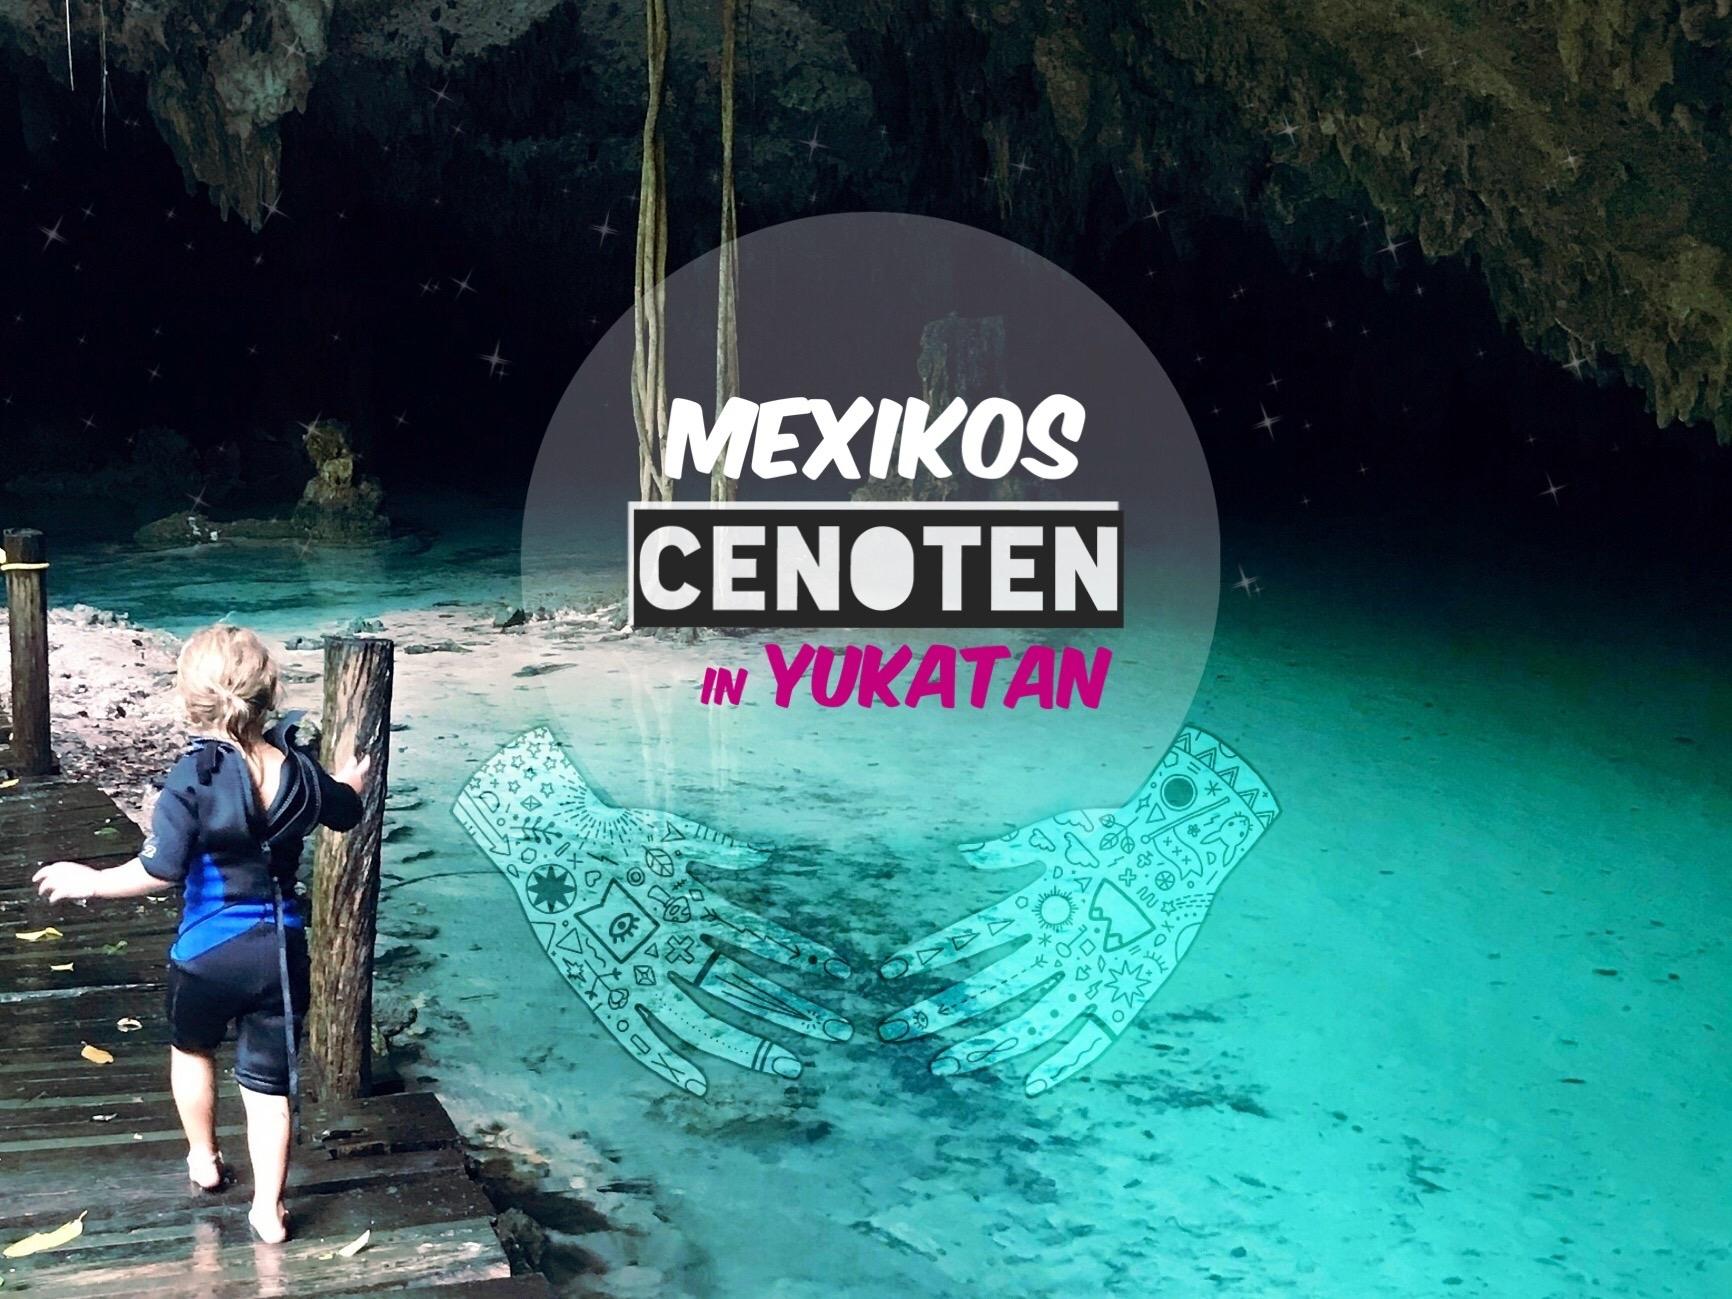 Yukatans Cenoten